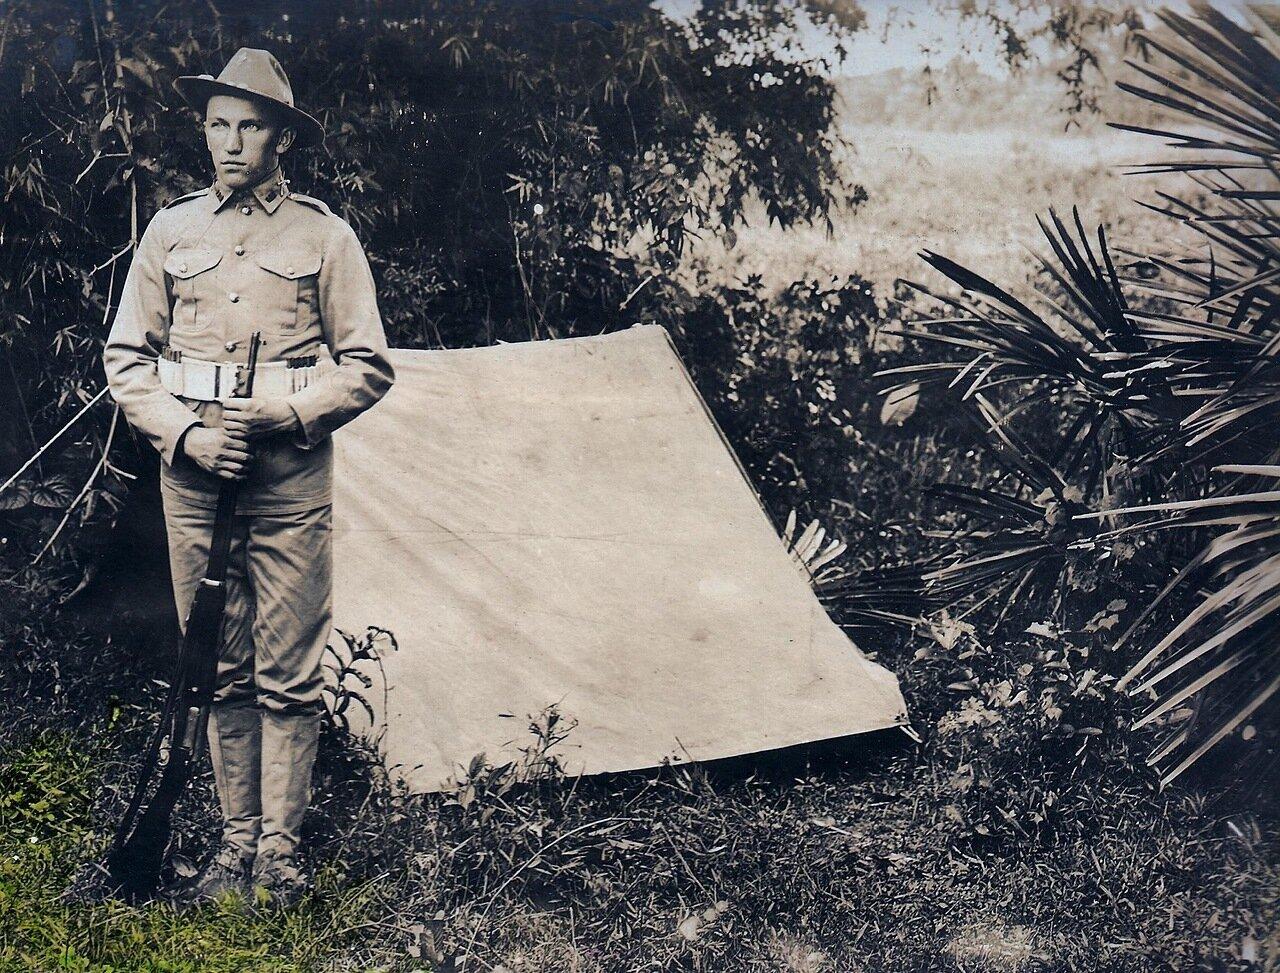 Капрал Квитковский возле своей палатки